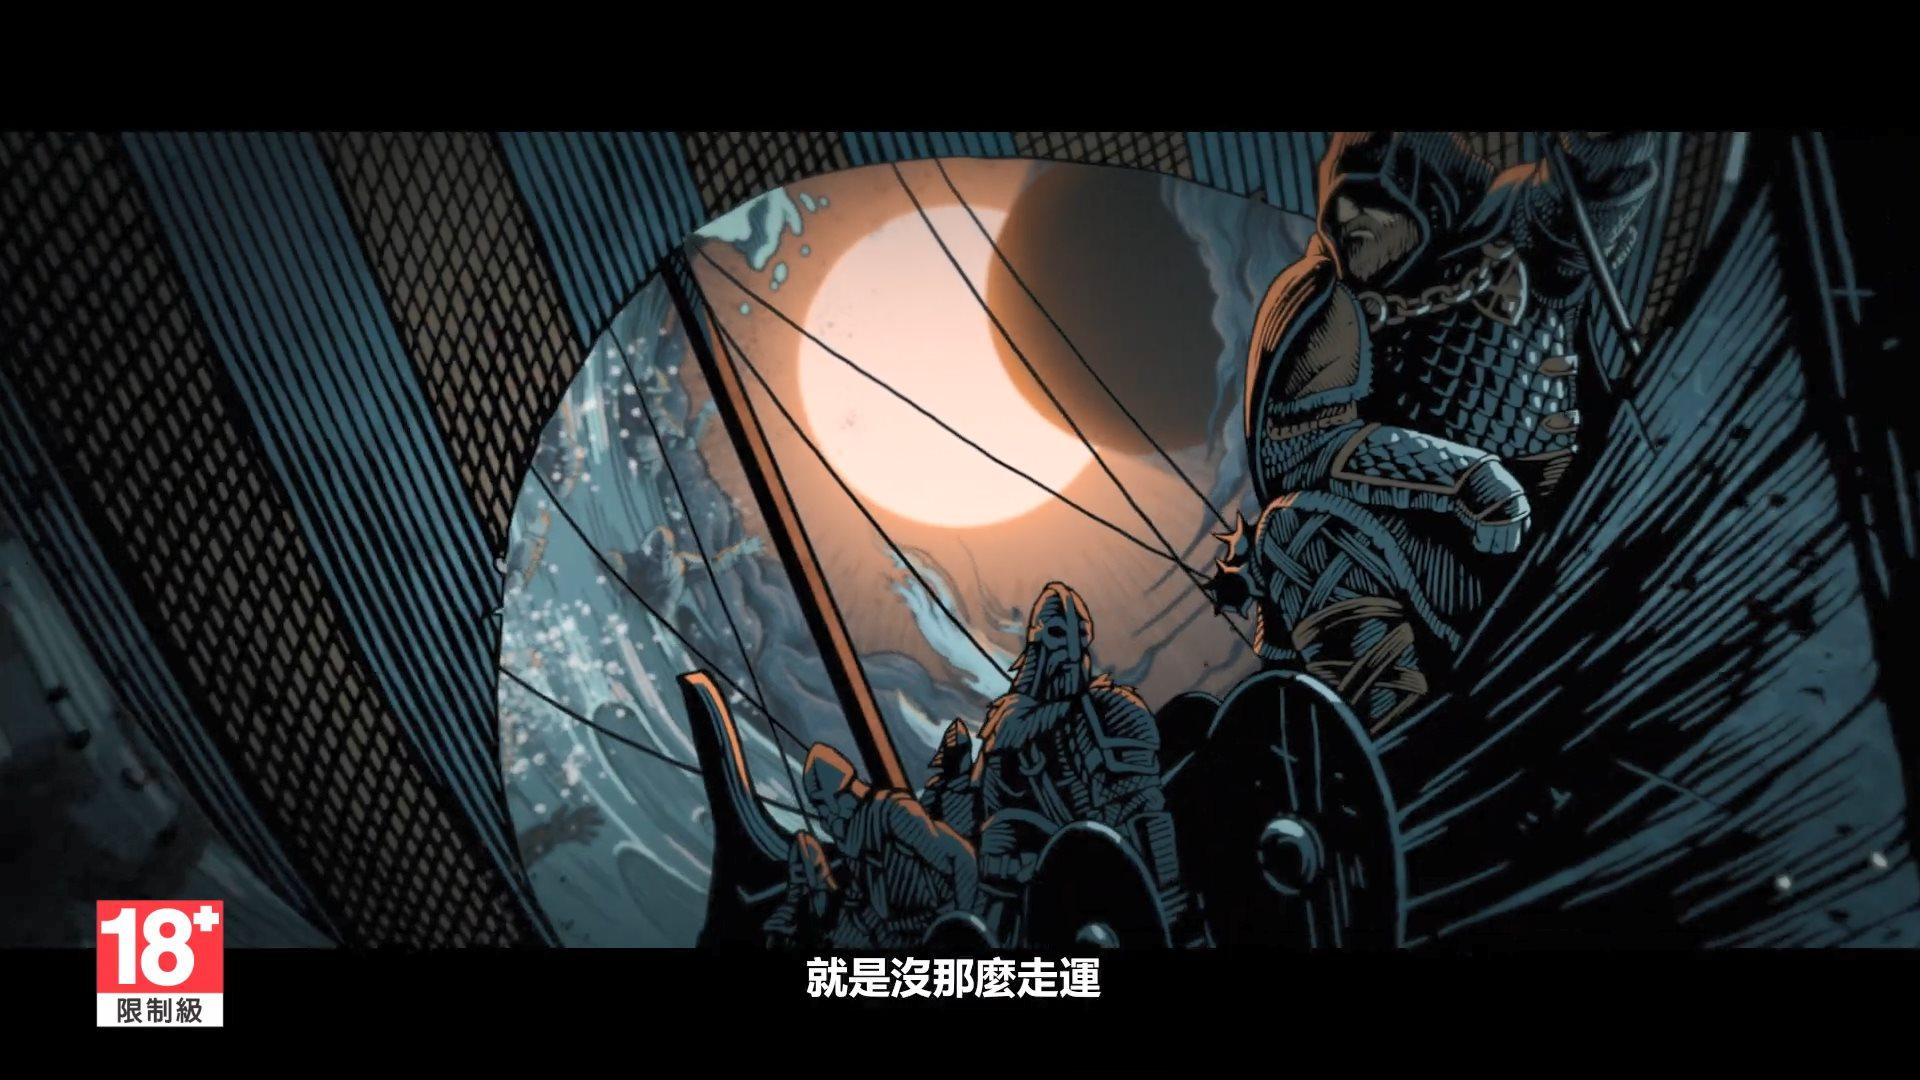 《荣耀战魂》叛乱故事预告片 第四季度12月10日上线